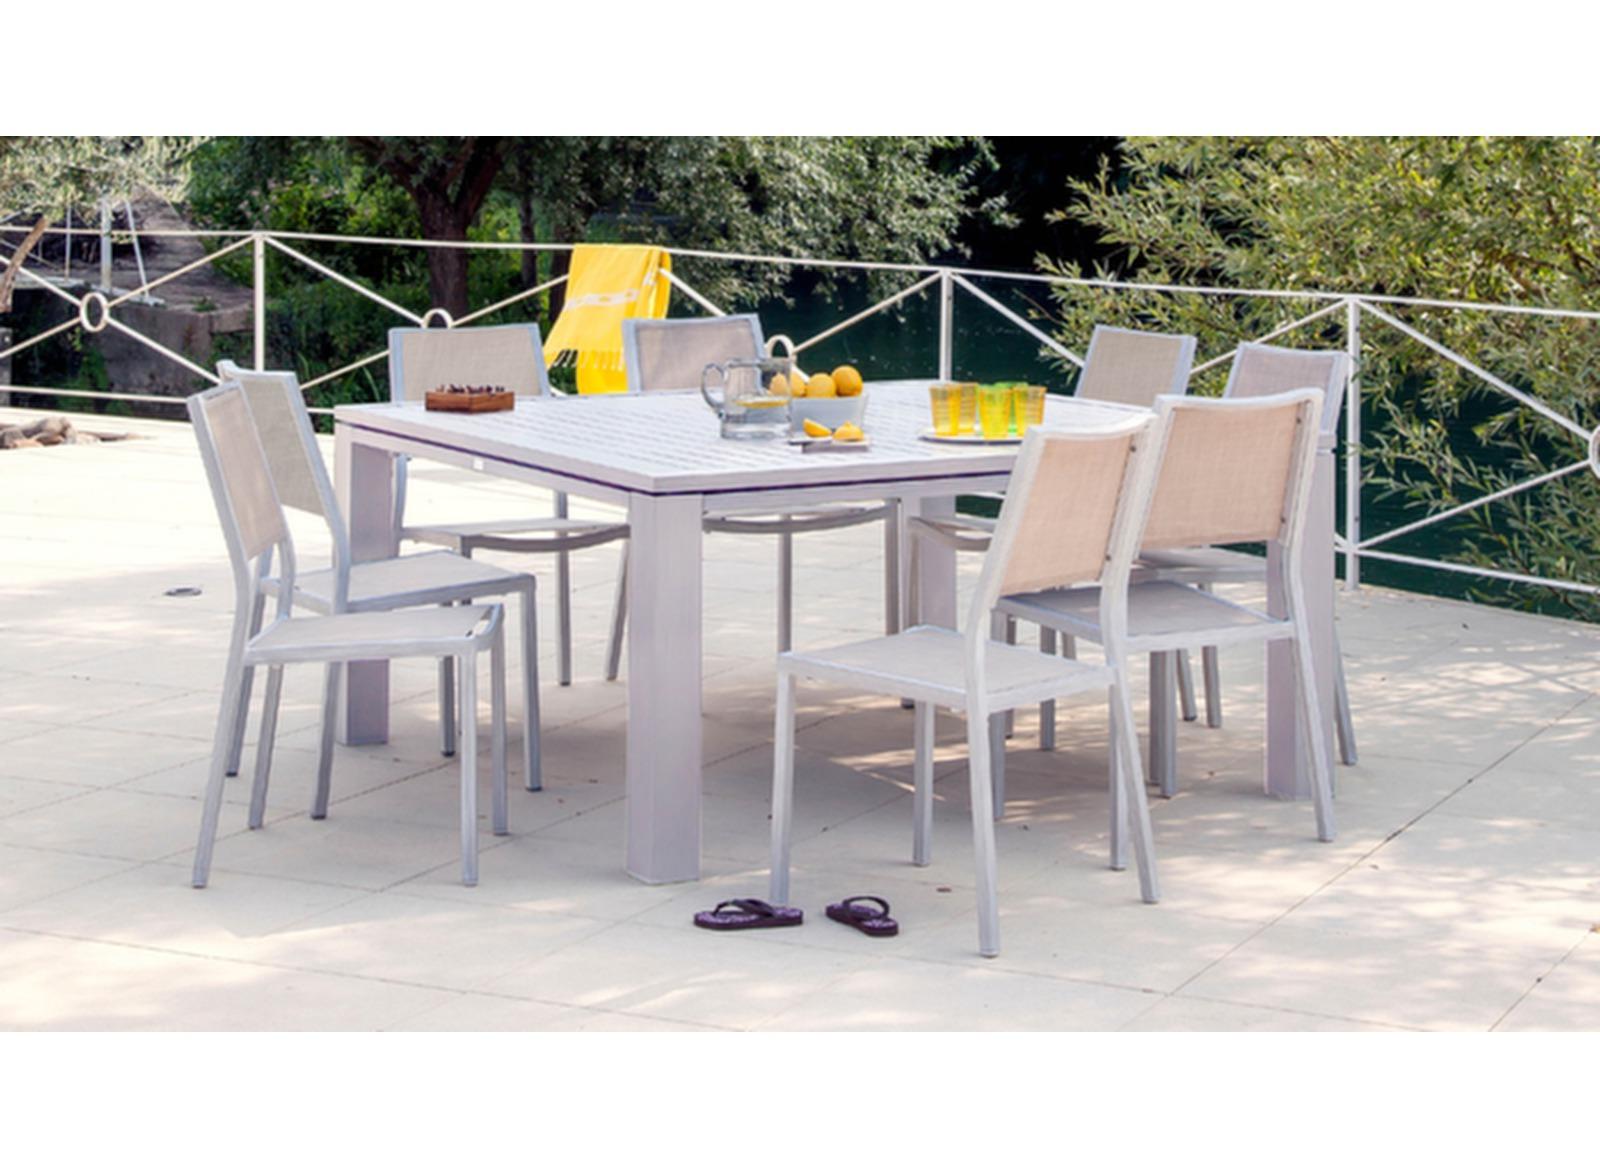 Salon de jardin repas 6 pers. 160cm Fiero + 4 chaises - Proloisirs